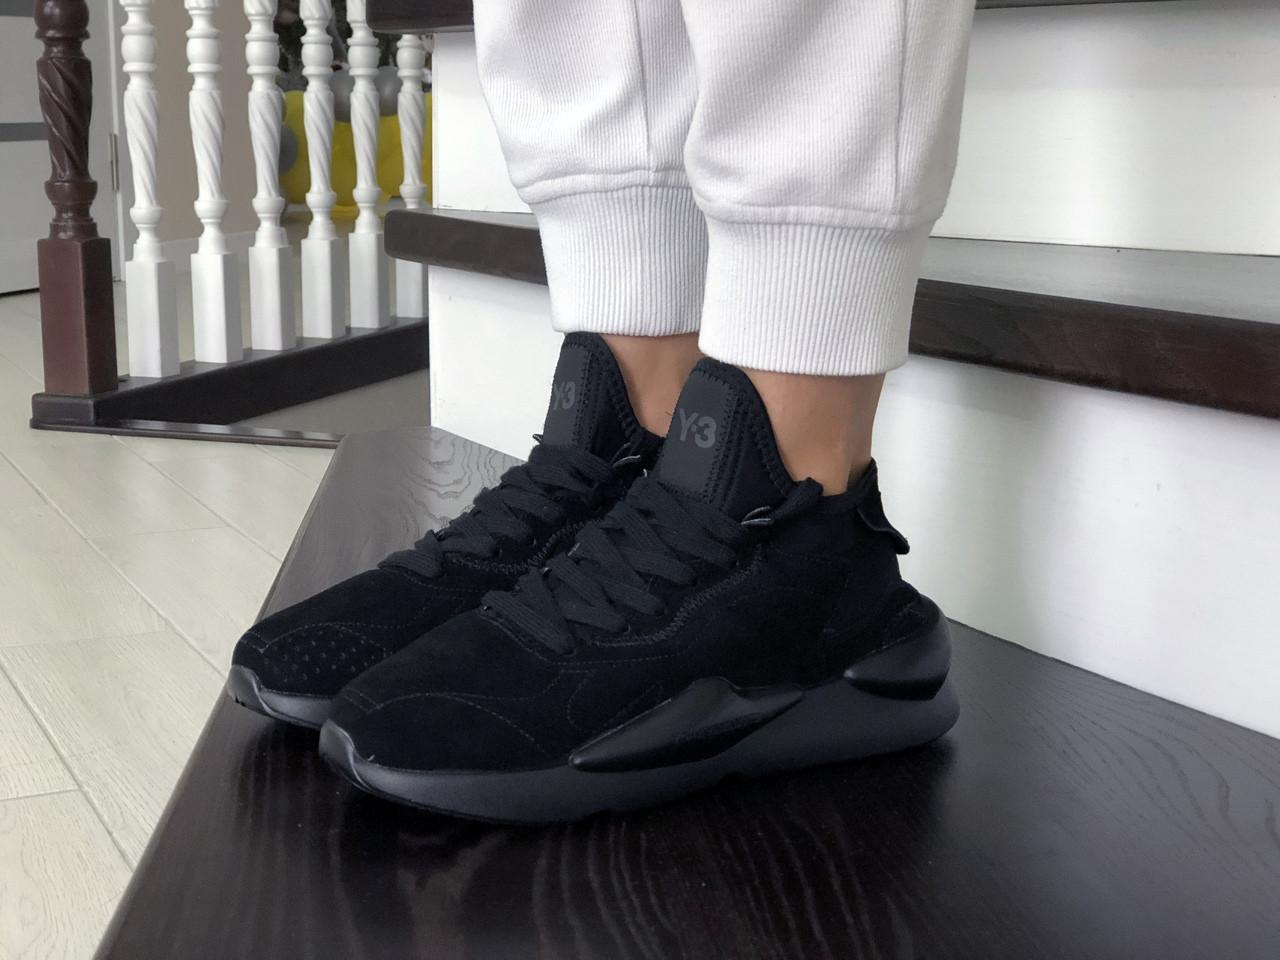 Жіночі кросівки Adidas Y-3 Kaiwa (чорні)